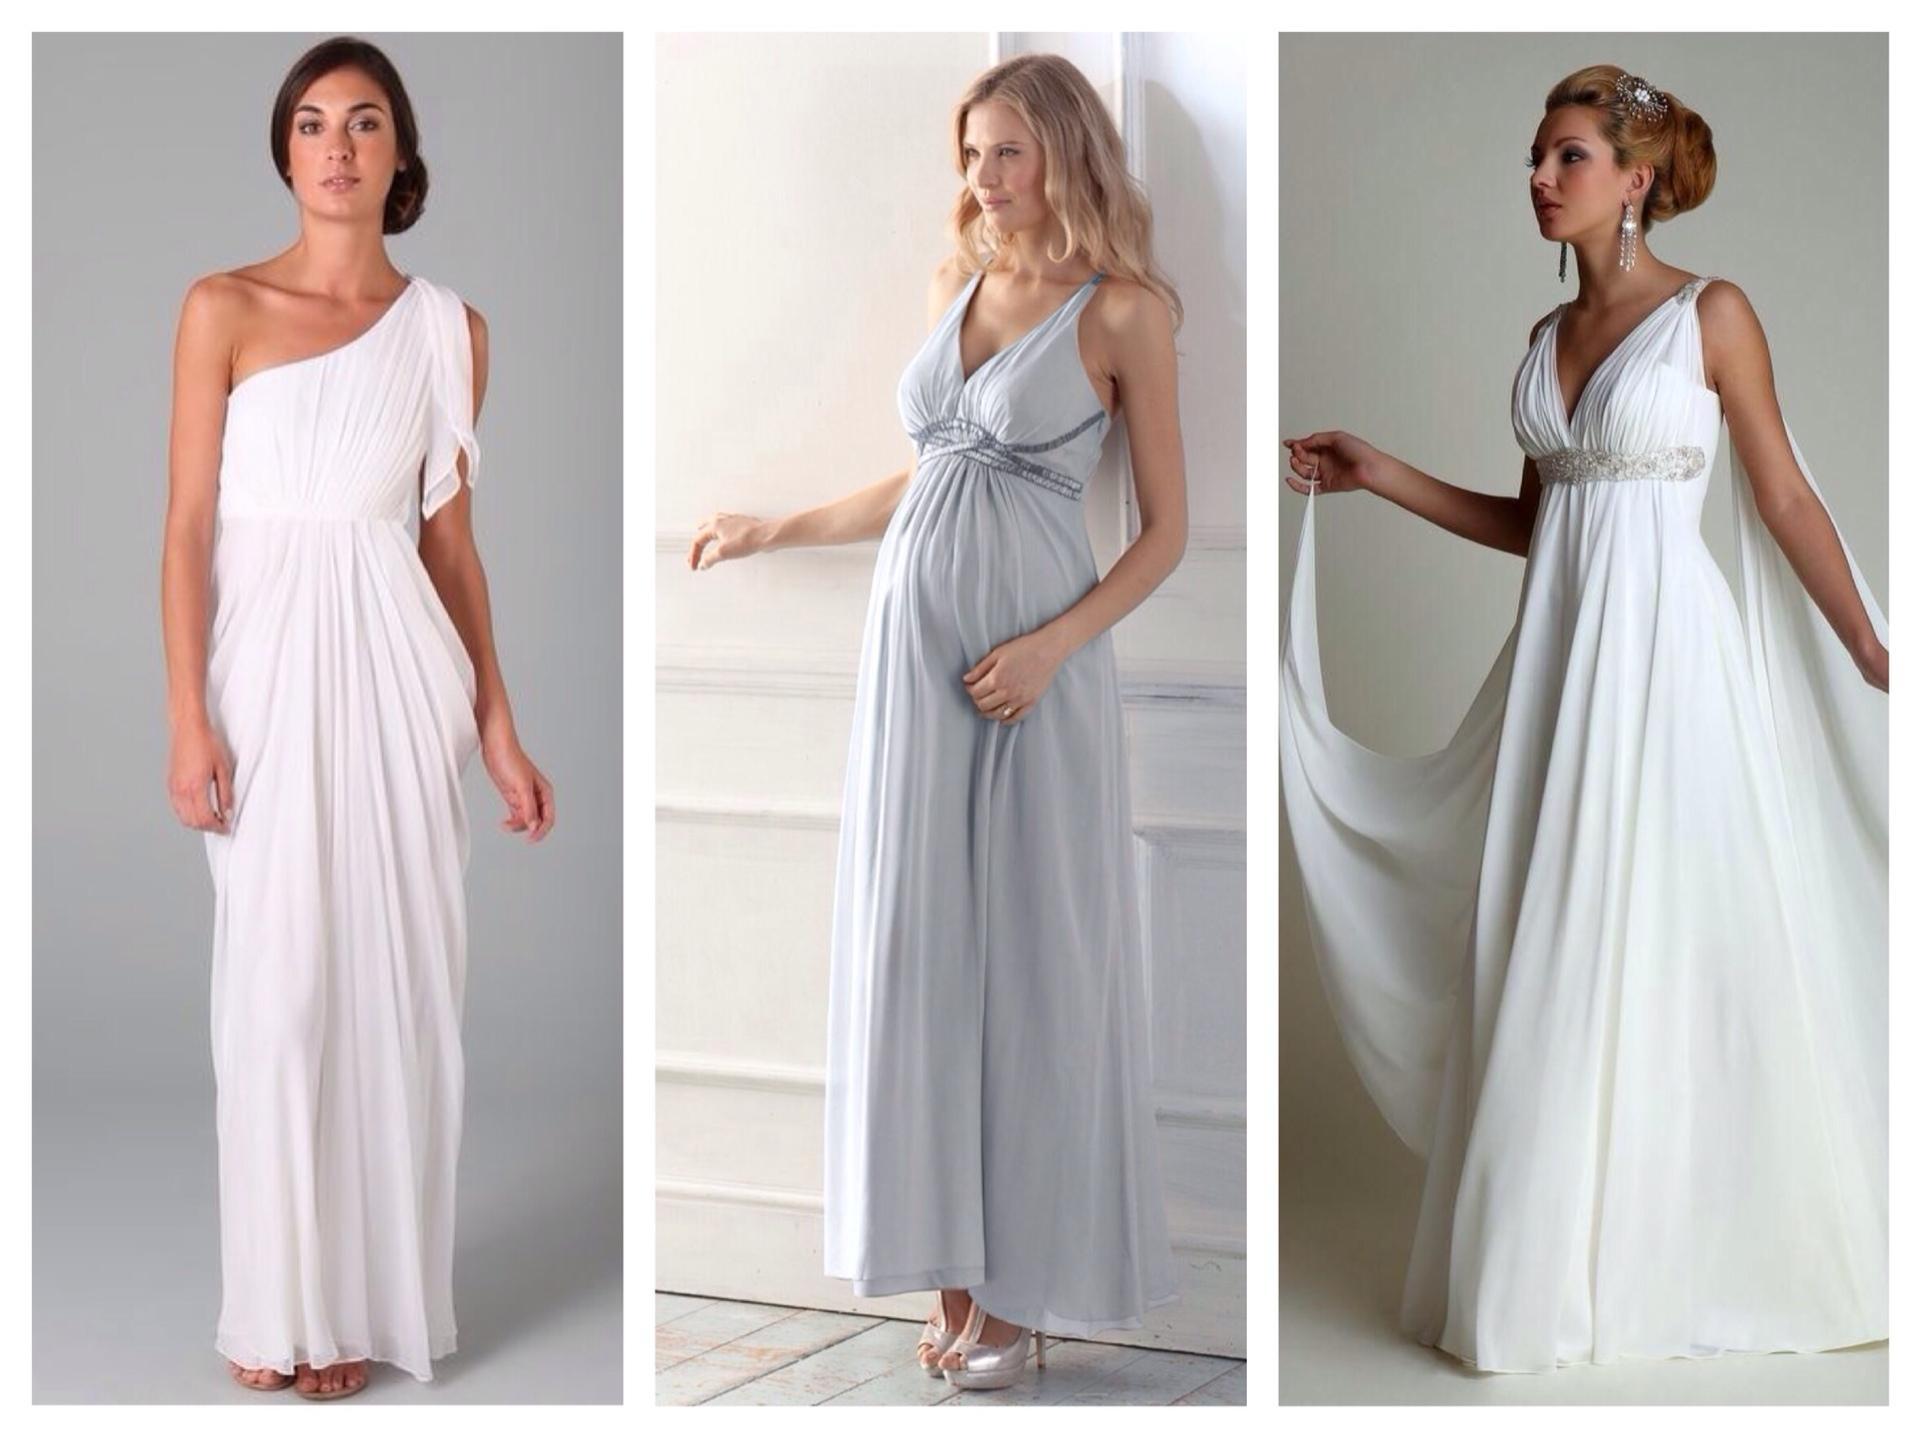 Как сшить платье в греческом стиле - фото, обзоры 20